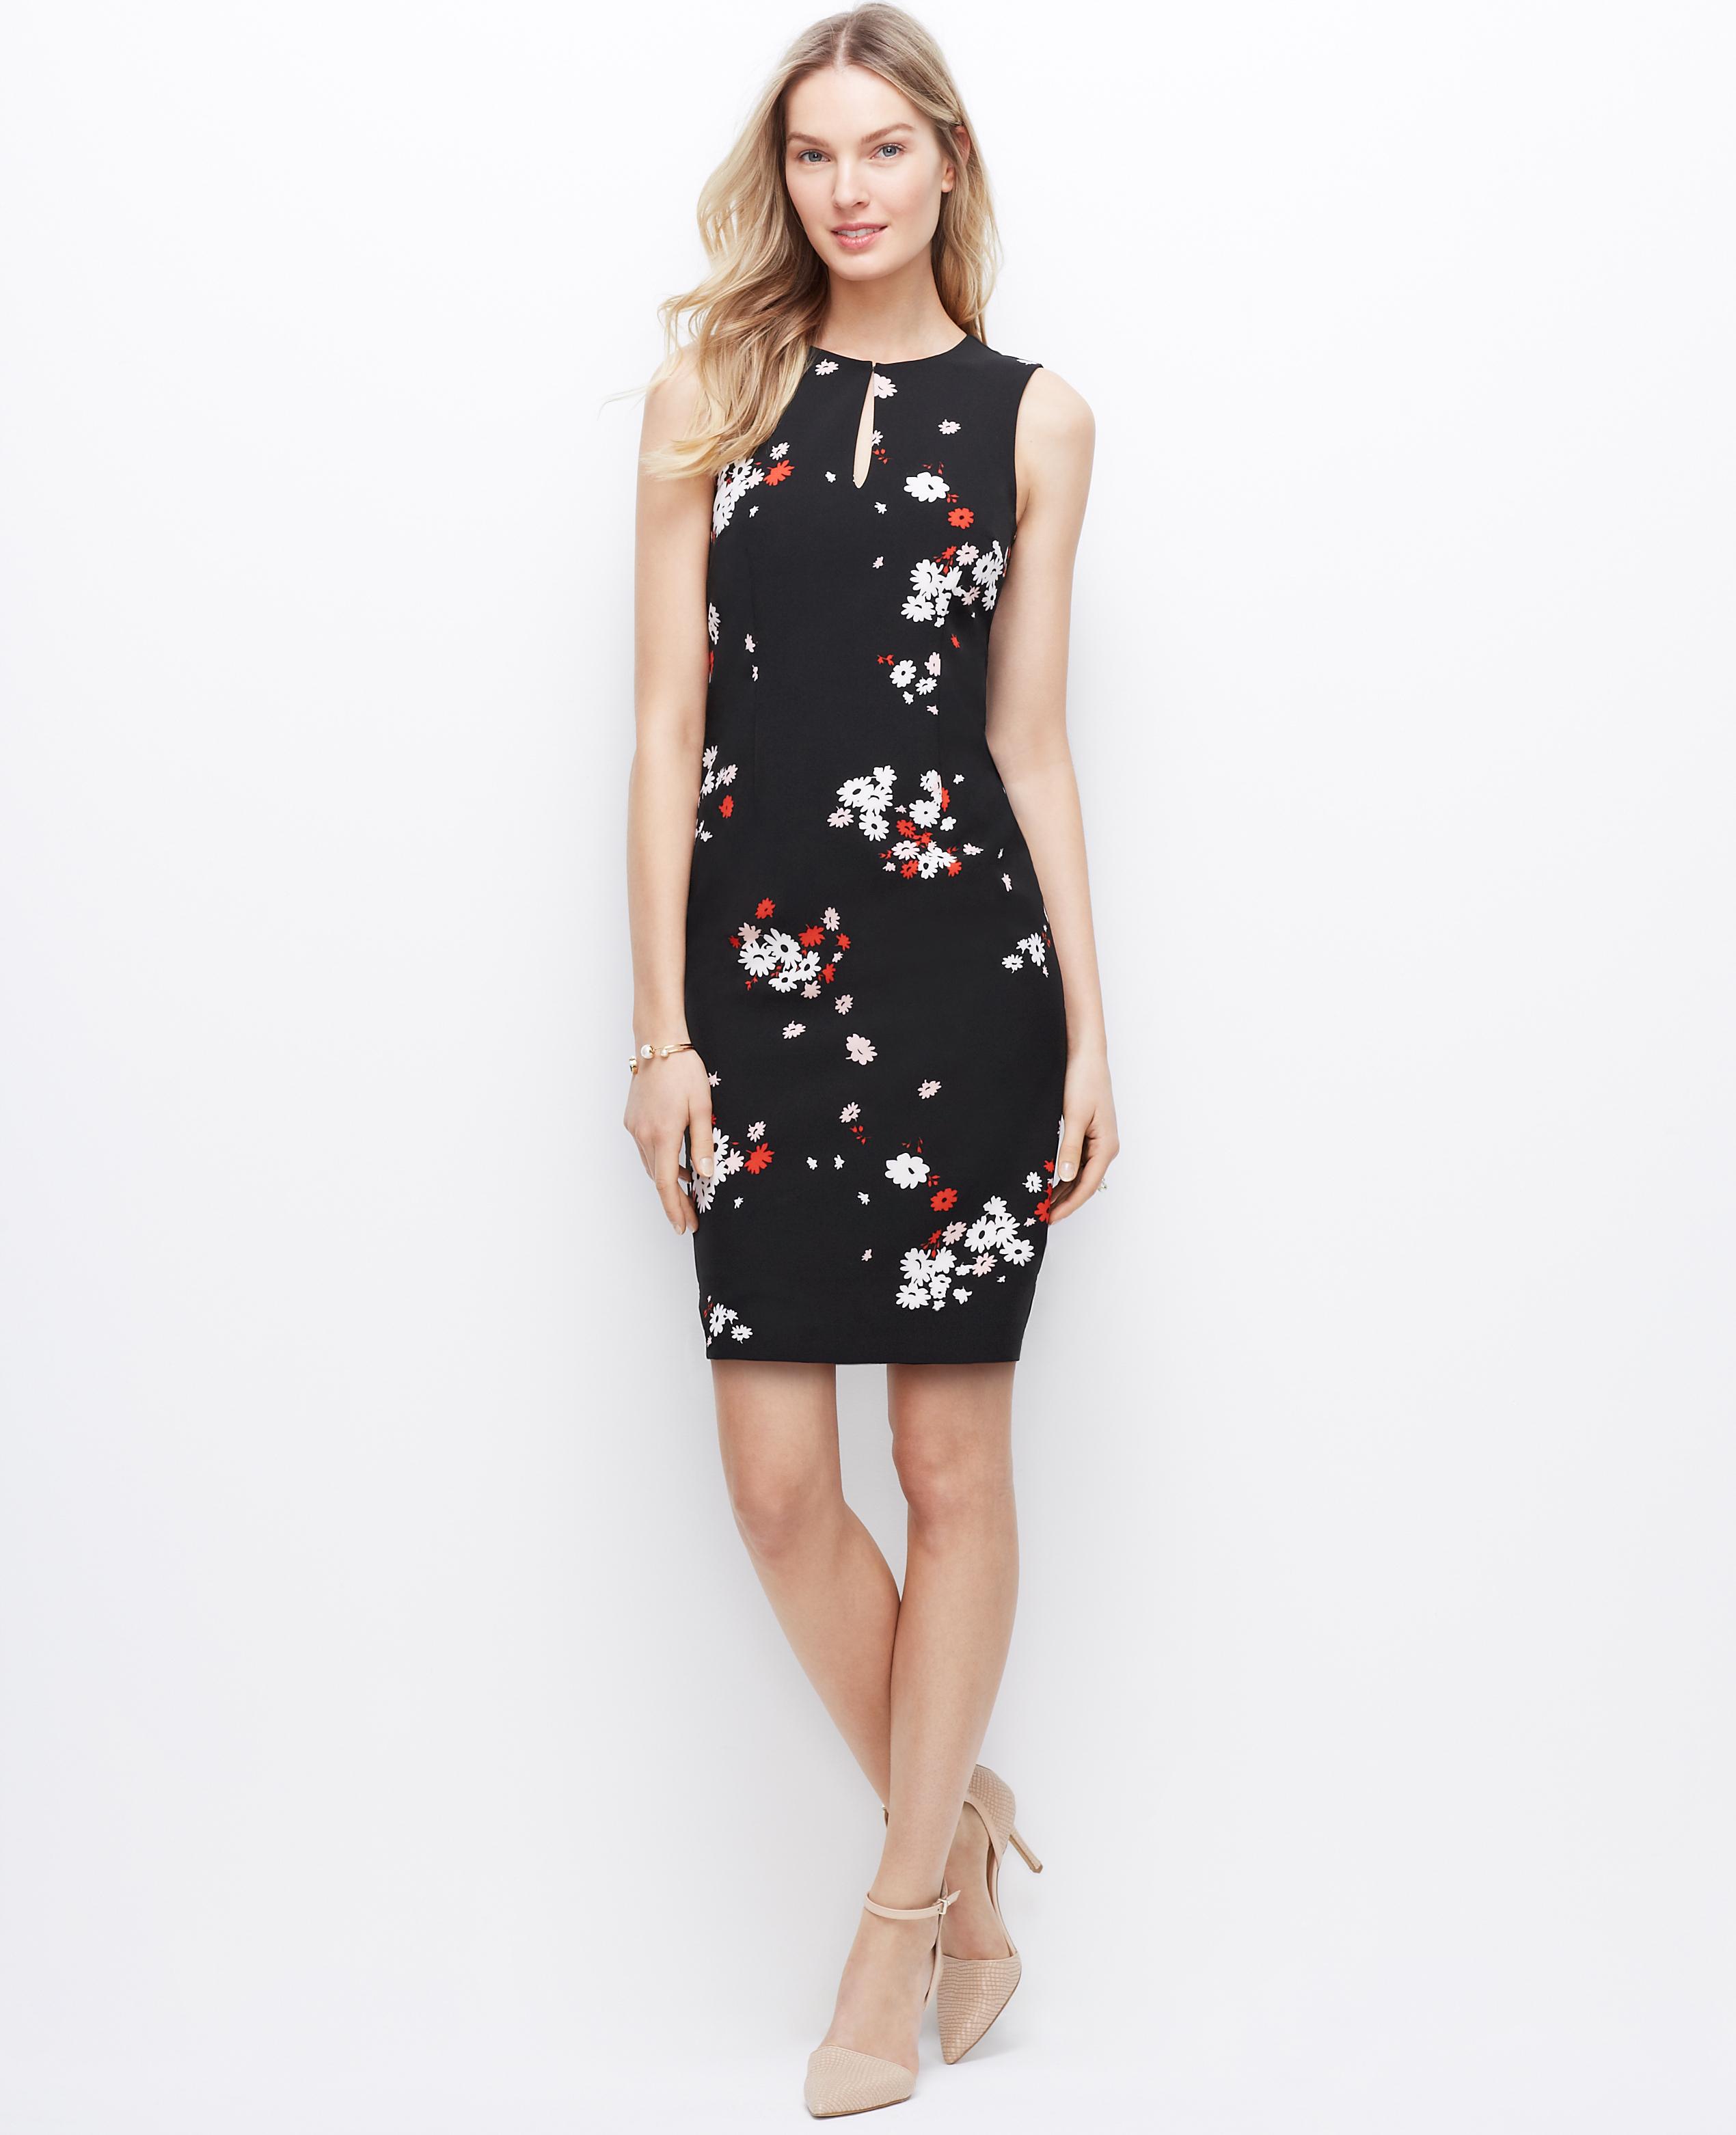 Lyst - Ann Taylor Floral Keyhole Sheath Dress in Black